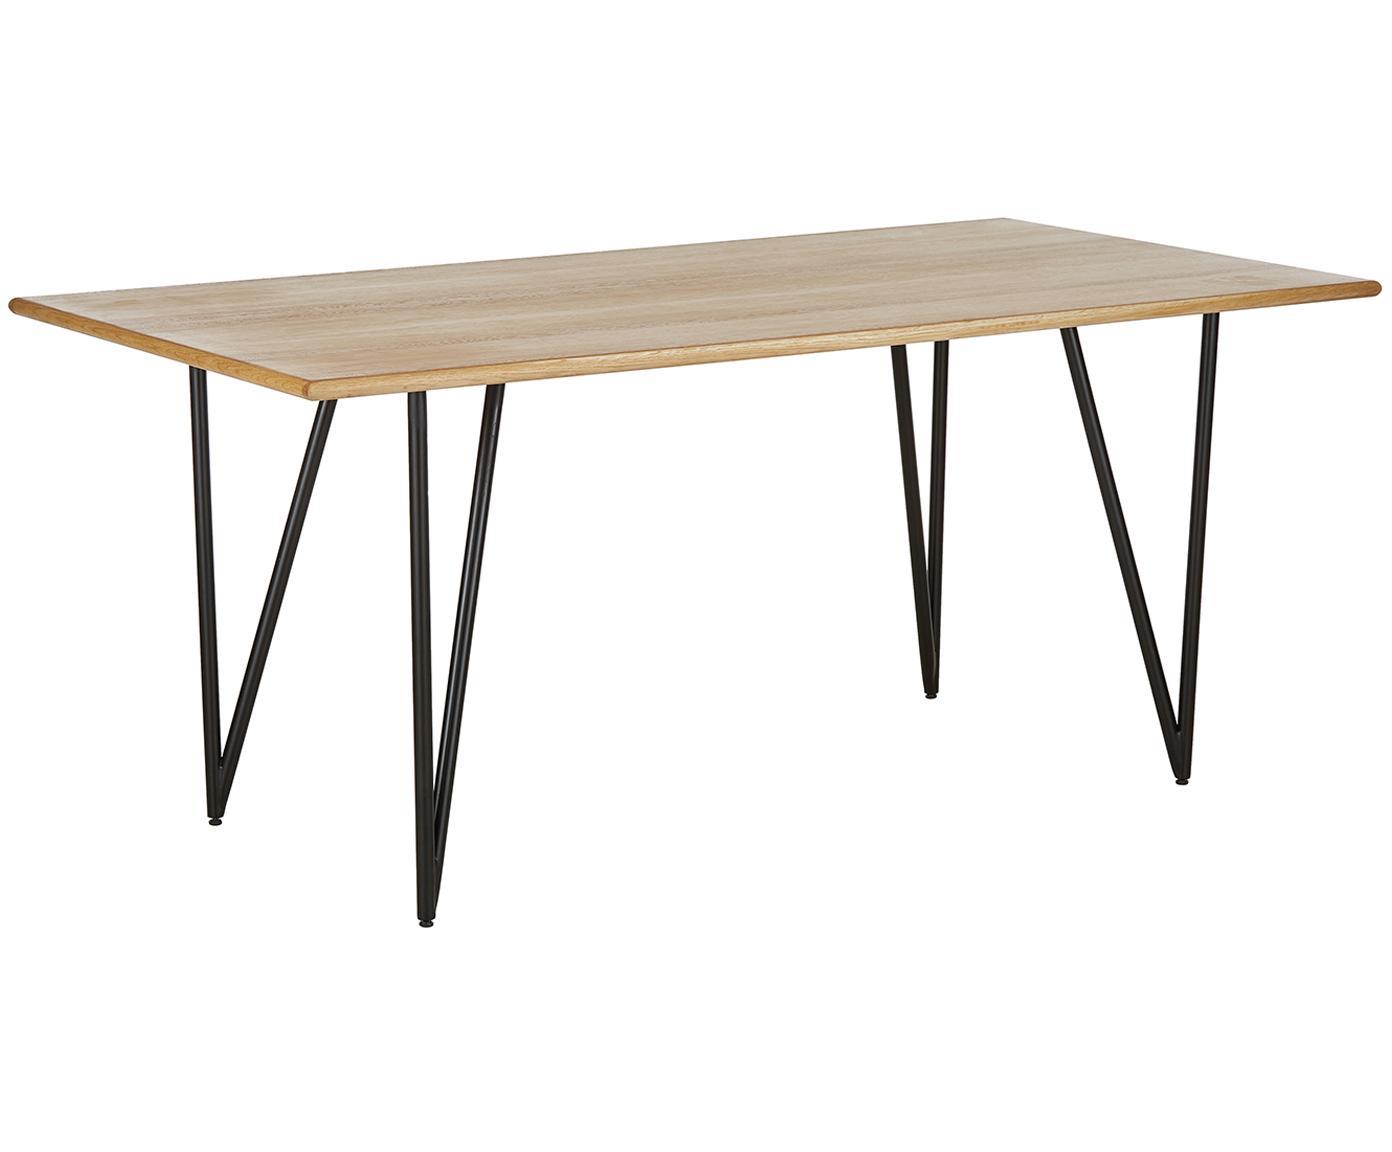 Tavolo con finitura in noce Juno, Piano del tavolo: pannello di fibra a media, Struttura: metallo verniciato a polv, finitura in quercia, Larg. 180 x Prof. 90 cm